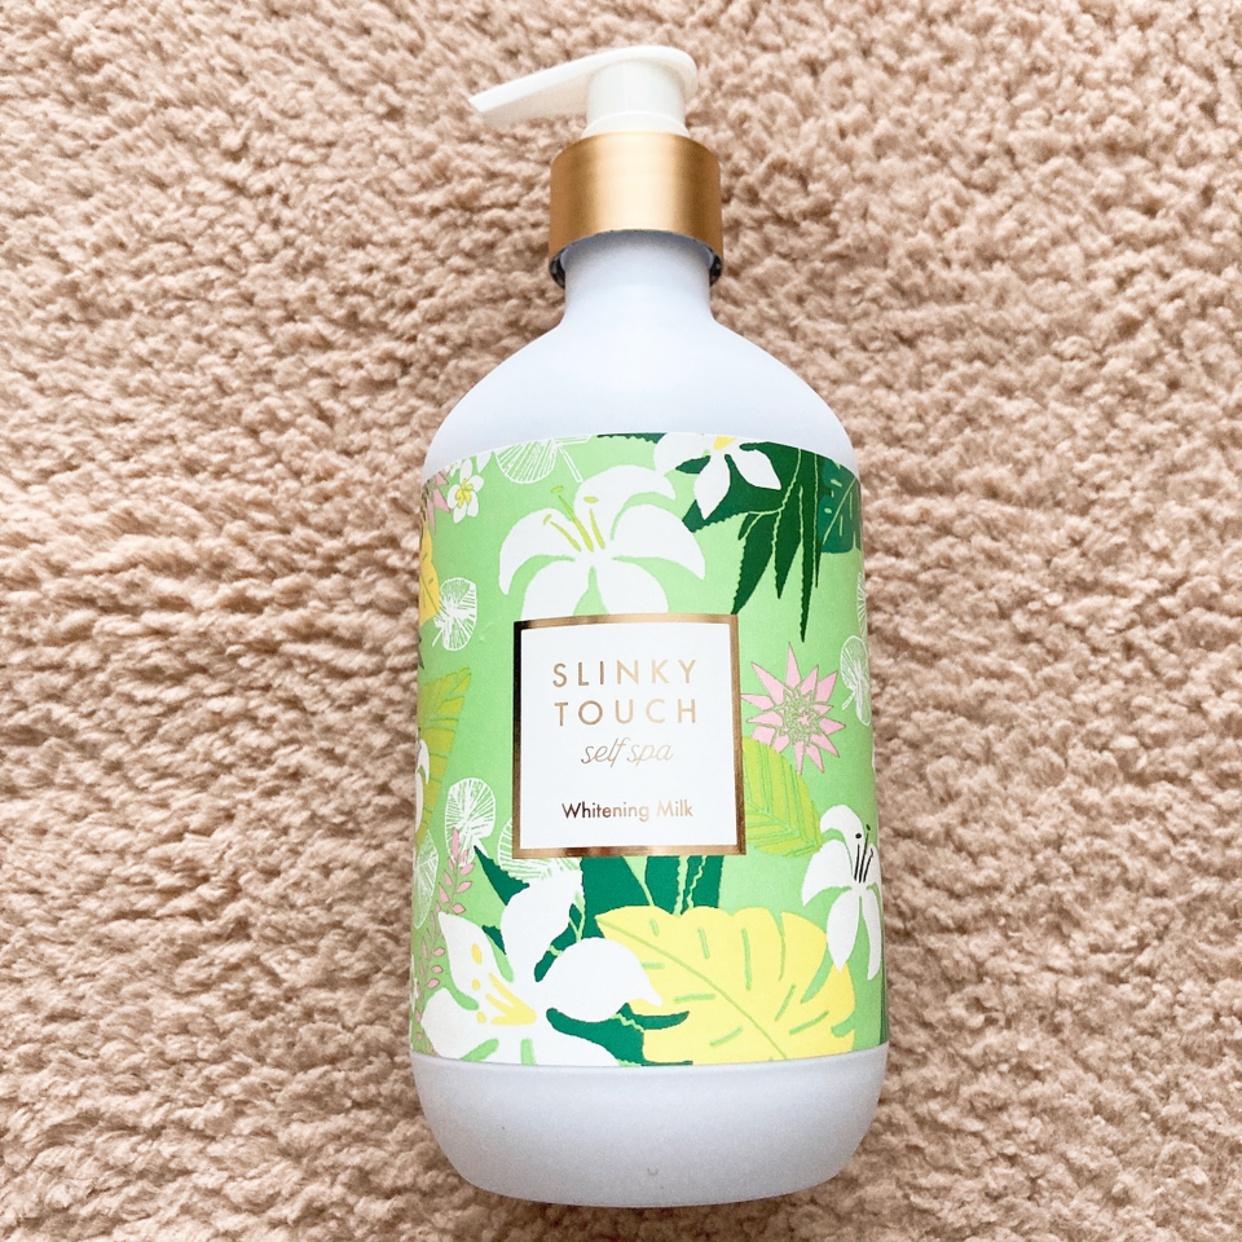 SLINKY TOUCH self spa(スリンキータッチセルフスパ) 薬用美白ボディミルクを使ったyunaさんのクチコミ画像2